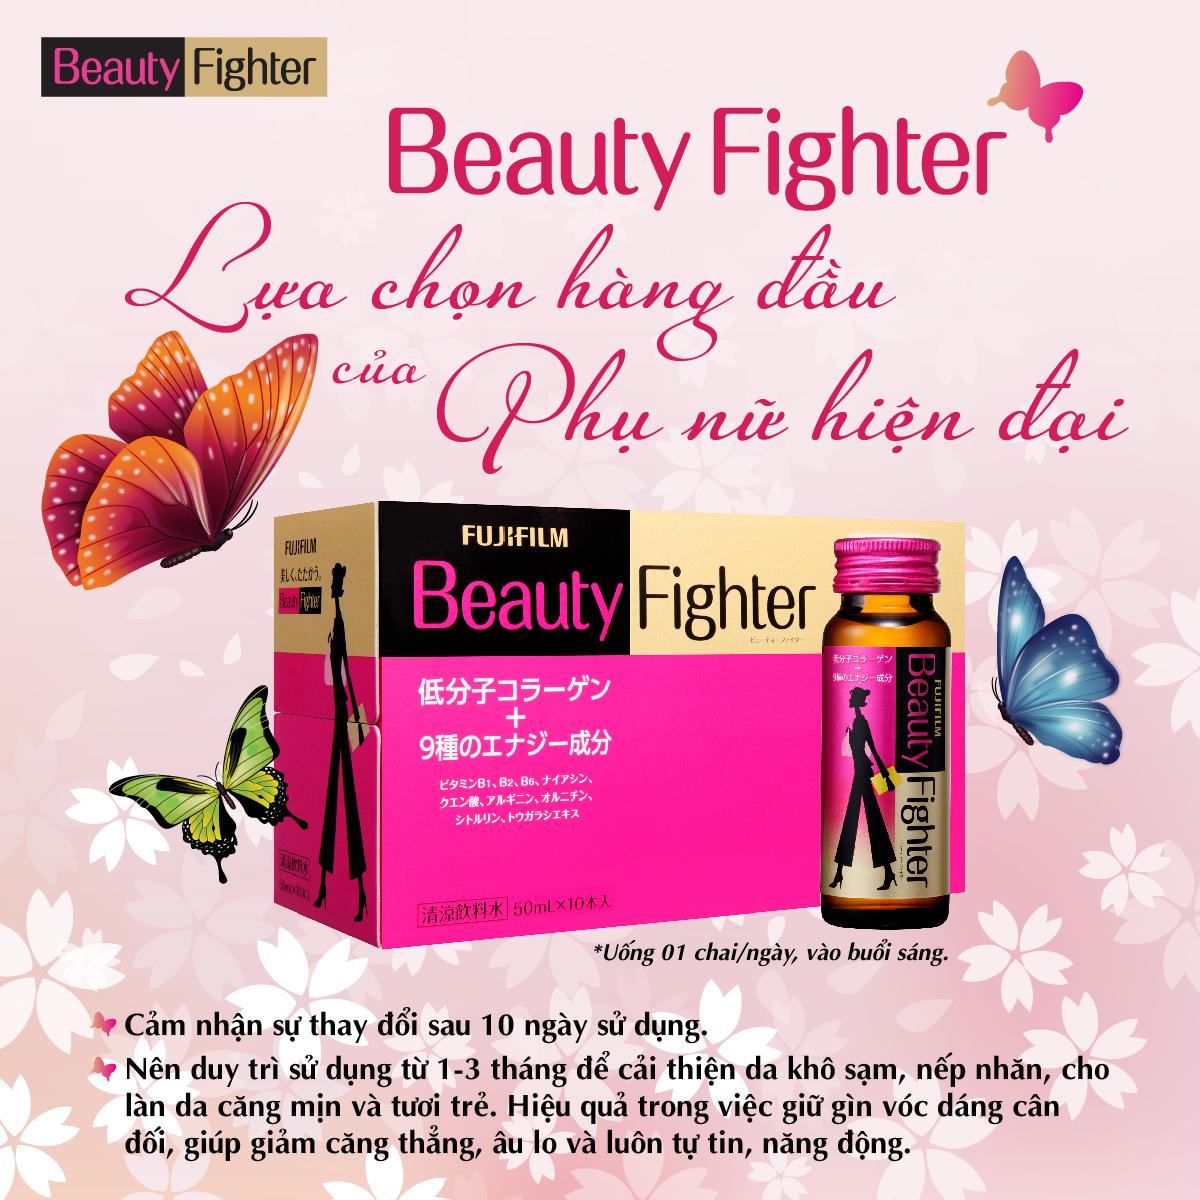 Sử dụng ASTALIFT Beauty Fighter Collagen đều đặn từ 1-3 tháng để cải thiện làn da.